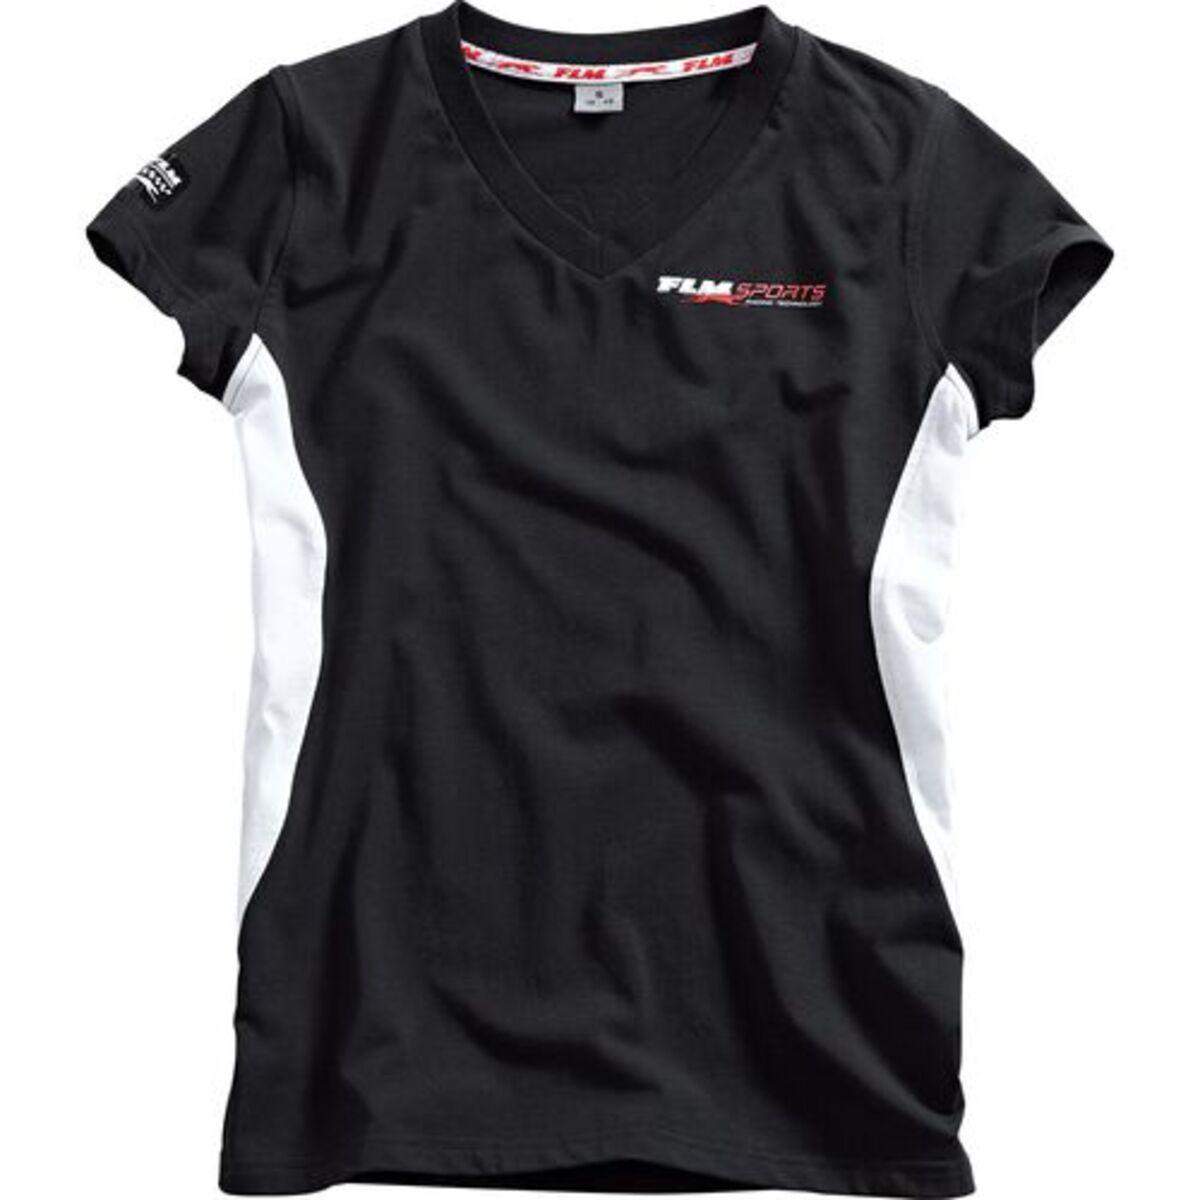 Bild 1 von FLM            Sports Damen T-Shirt 1.0 schwarz